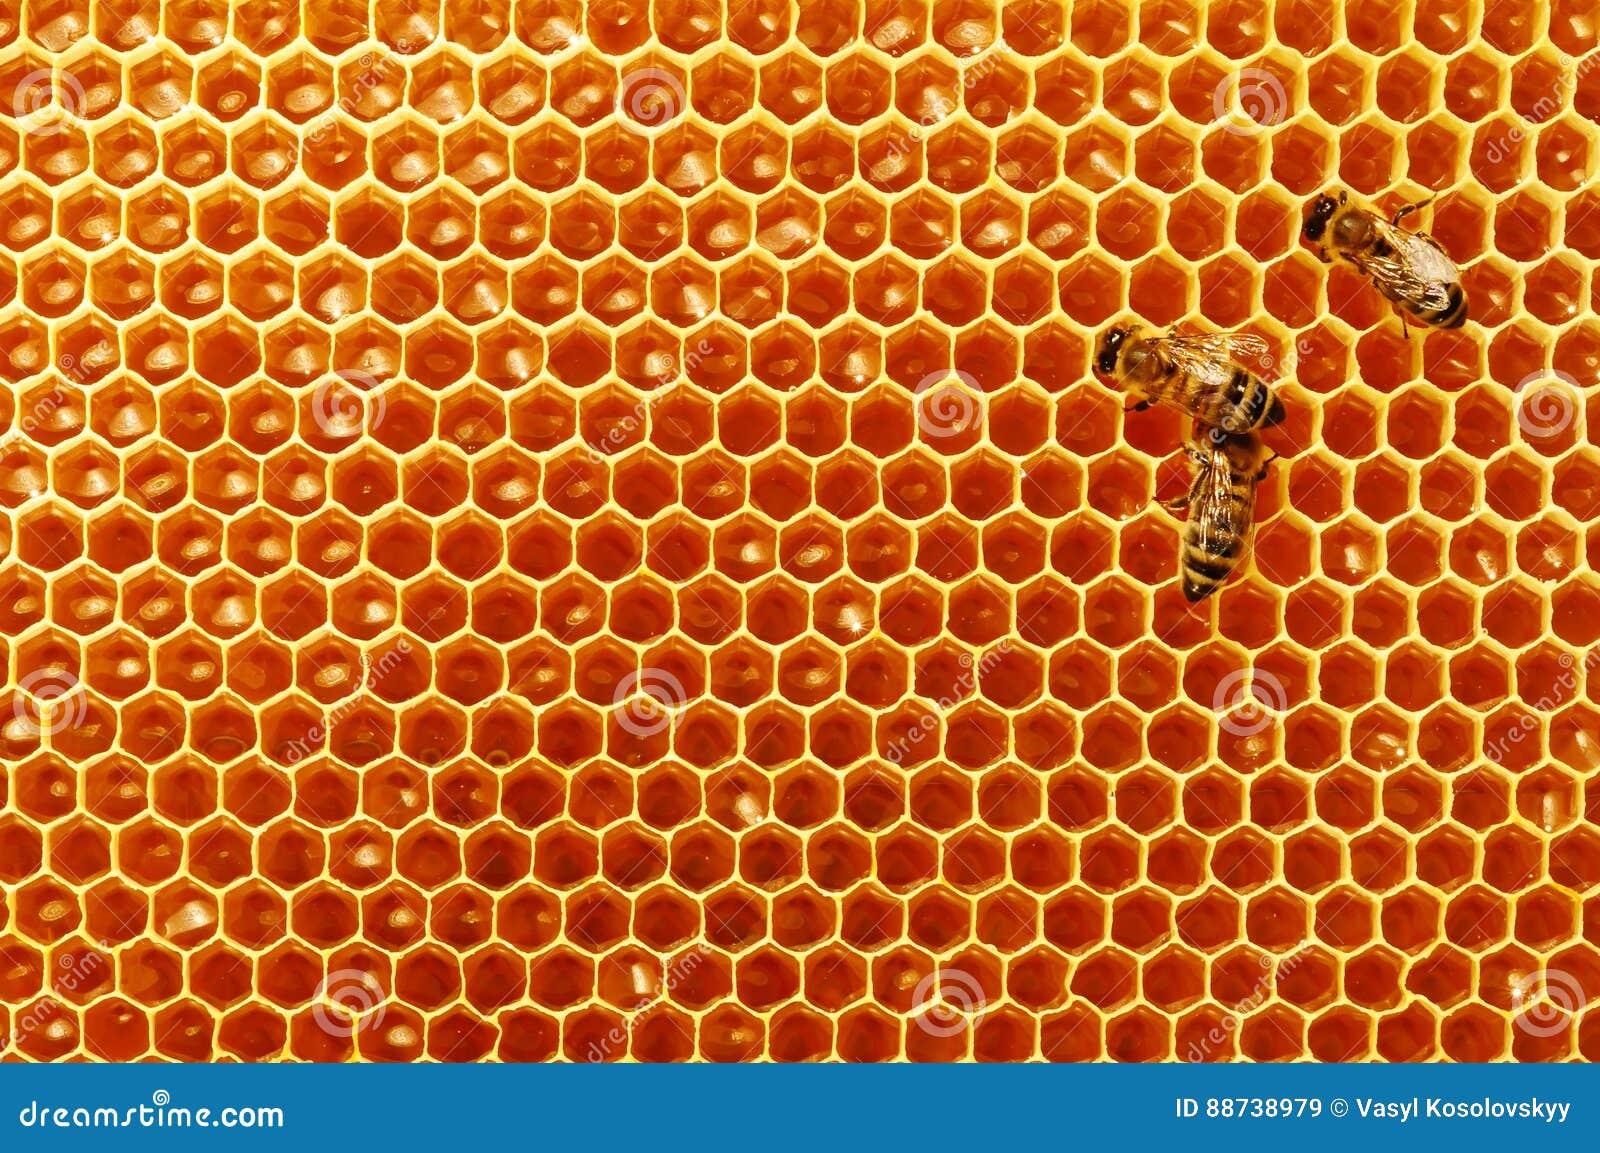 Download Panales De La Abeja Con La Miel Y Las Abejas Apicultura Imagen de archivo - Imagen de apicultor, animales: 88738979